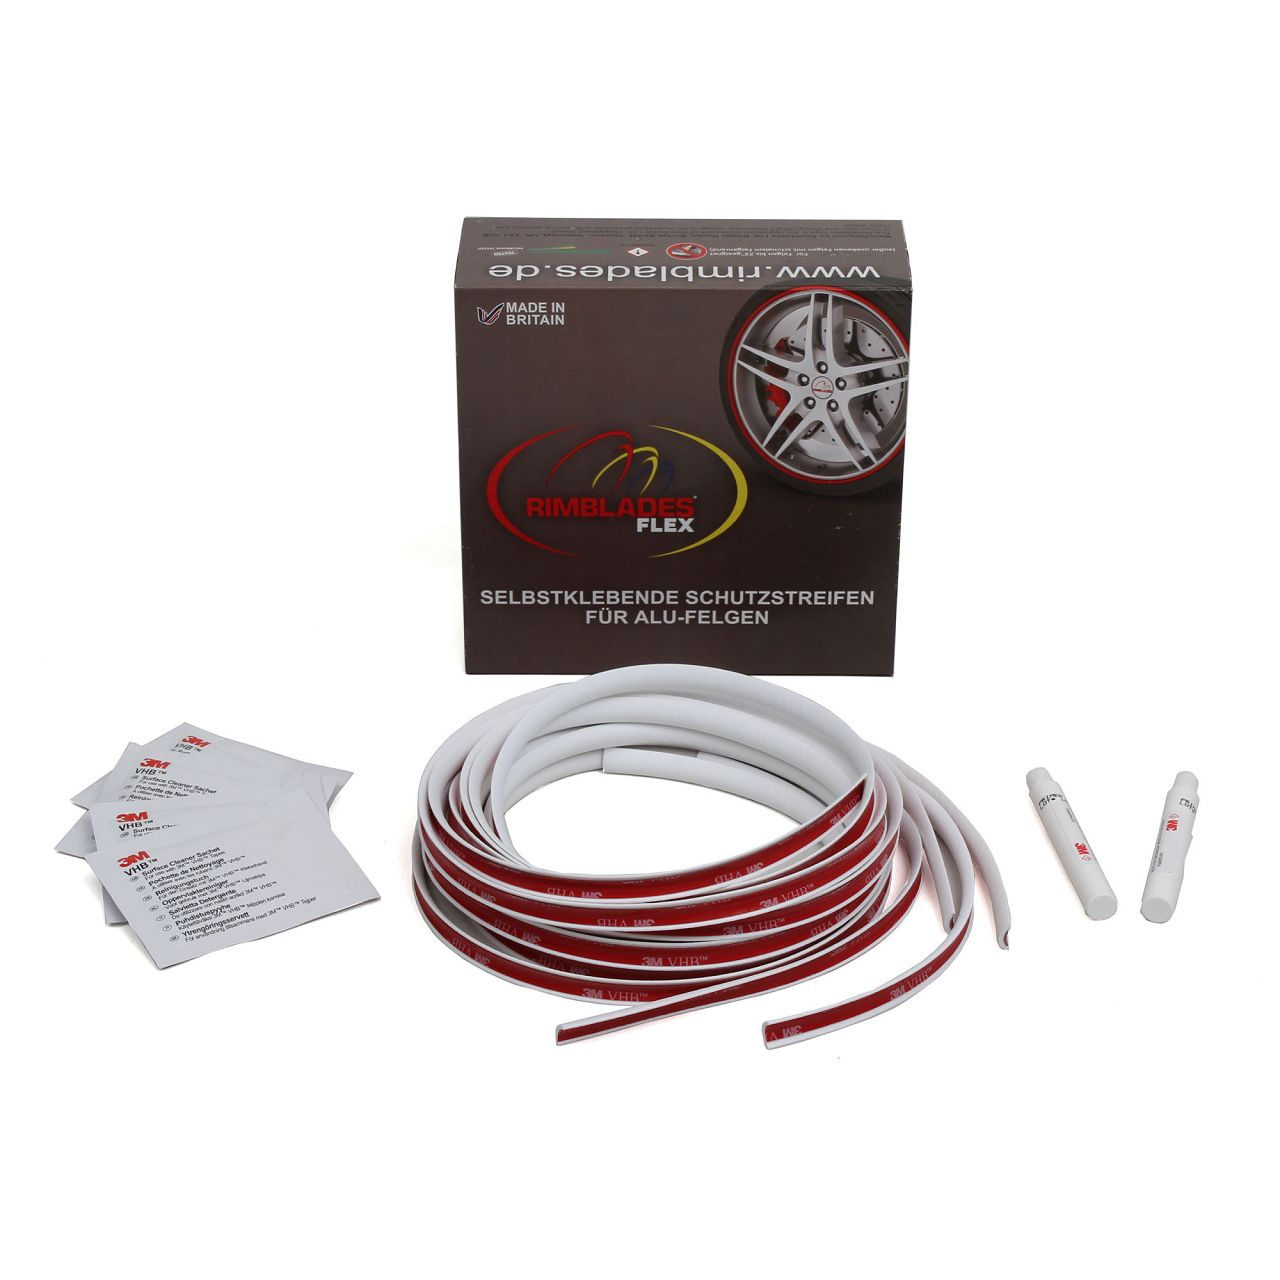 RIMBLADES Ultra Felgenschutz Felgenringe Rim Protector & Styling WEISS bis 22 Zoll